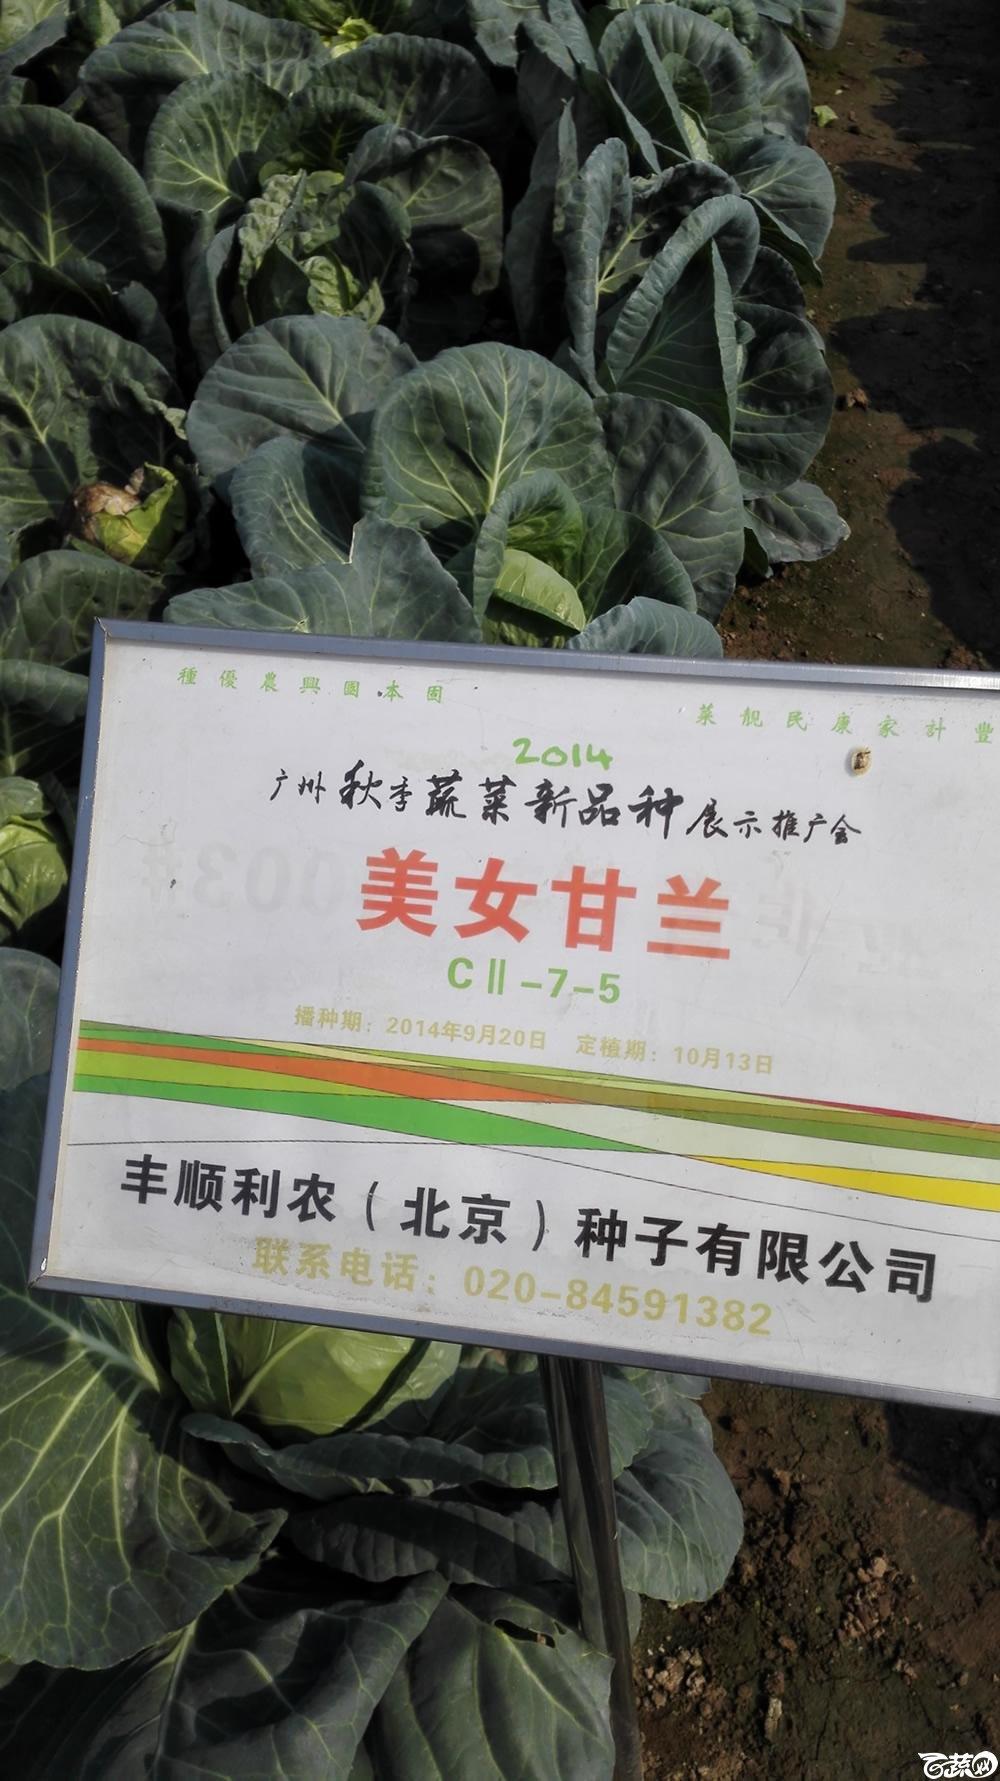 2014年12月10号广州市农科院南沙秋季蔬菜新品种展示会 甘蓝_095.jpg